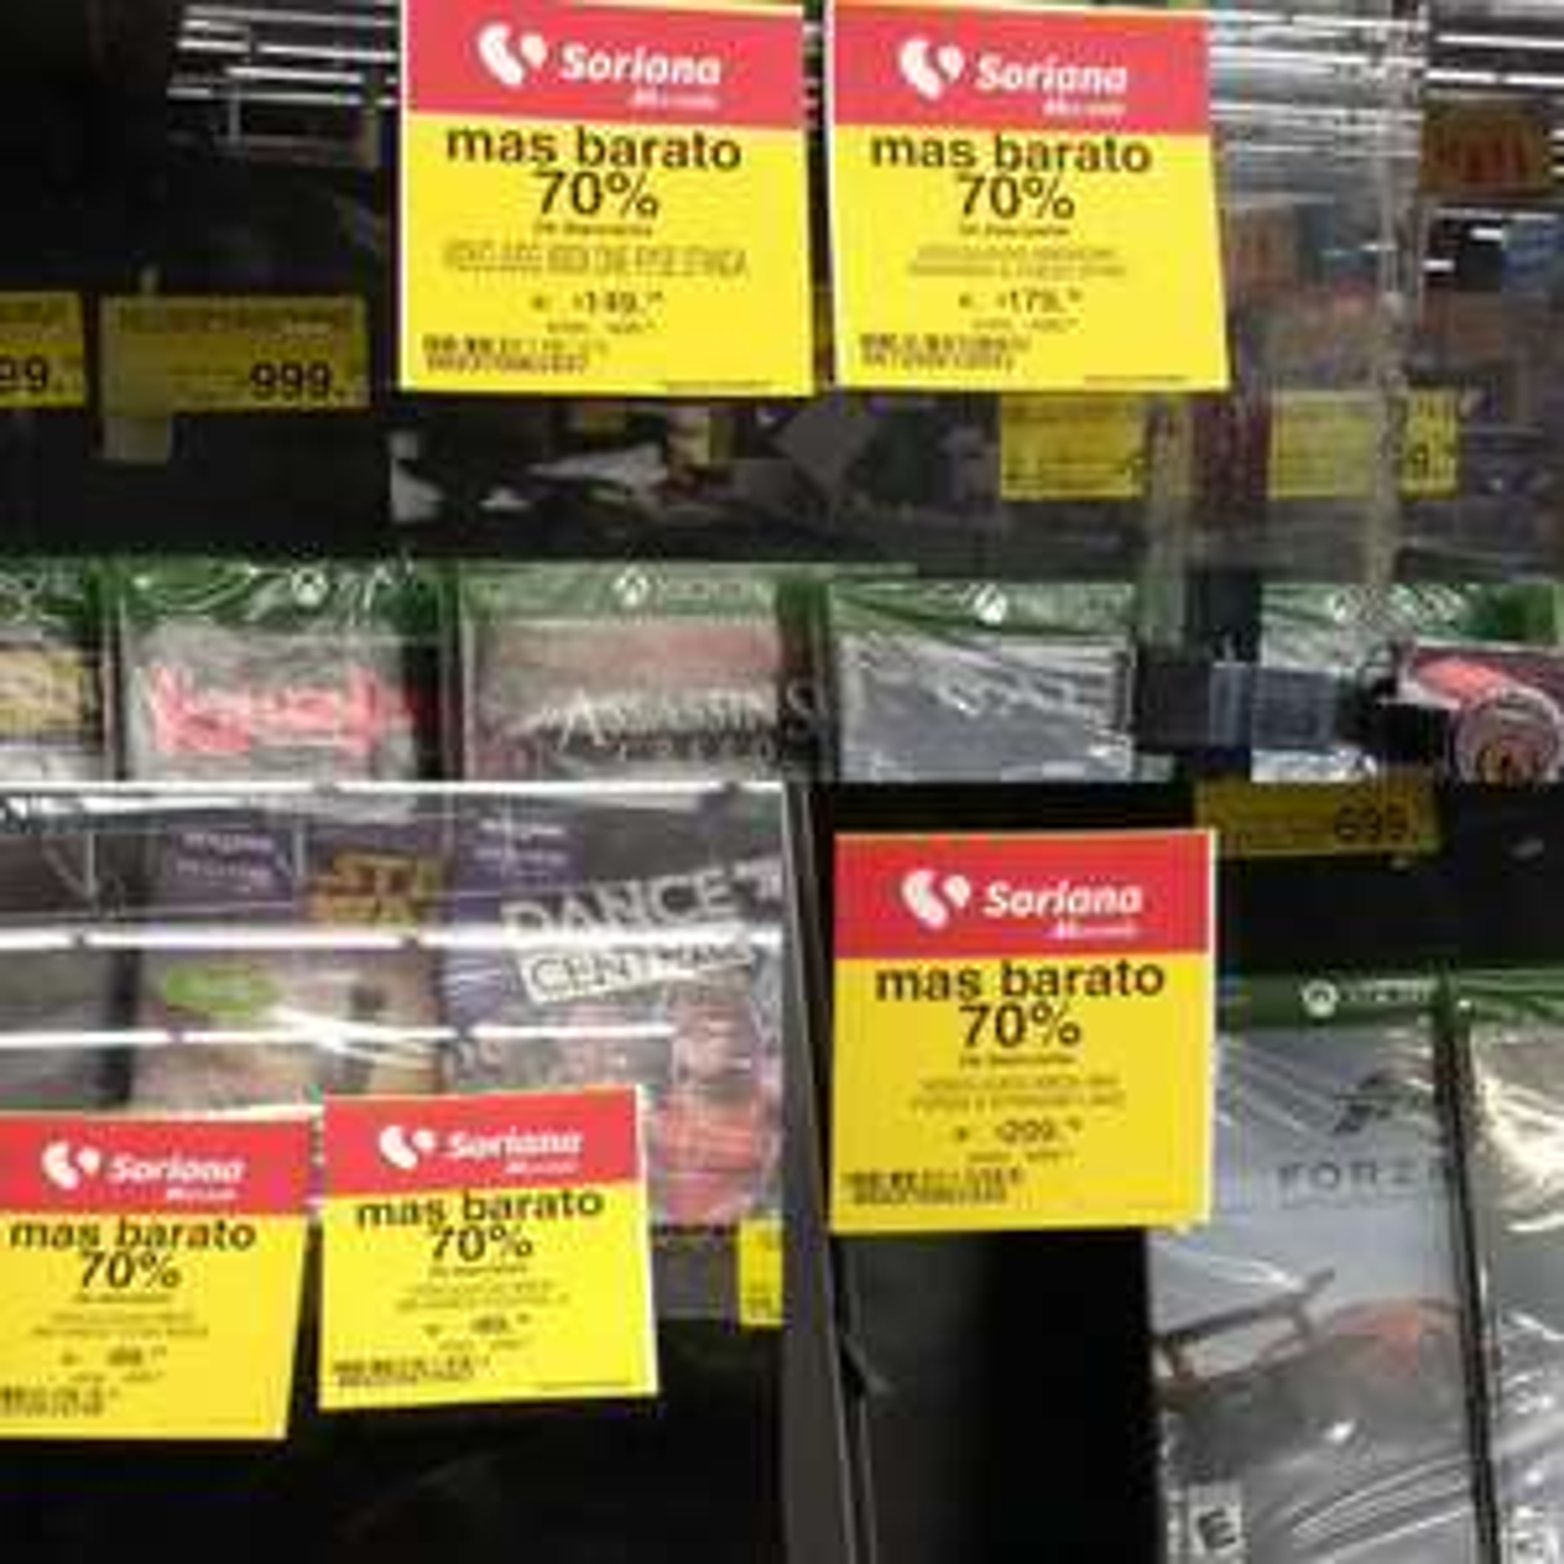 Soriana mercado: videojuegos para Xbox y Ps4 con 70% de descuento